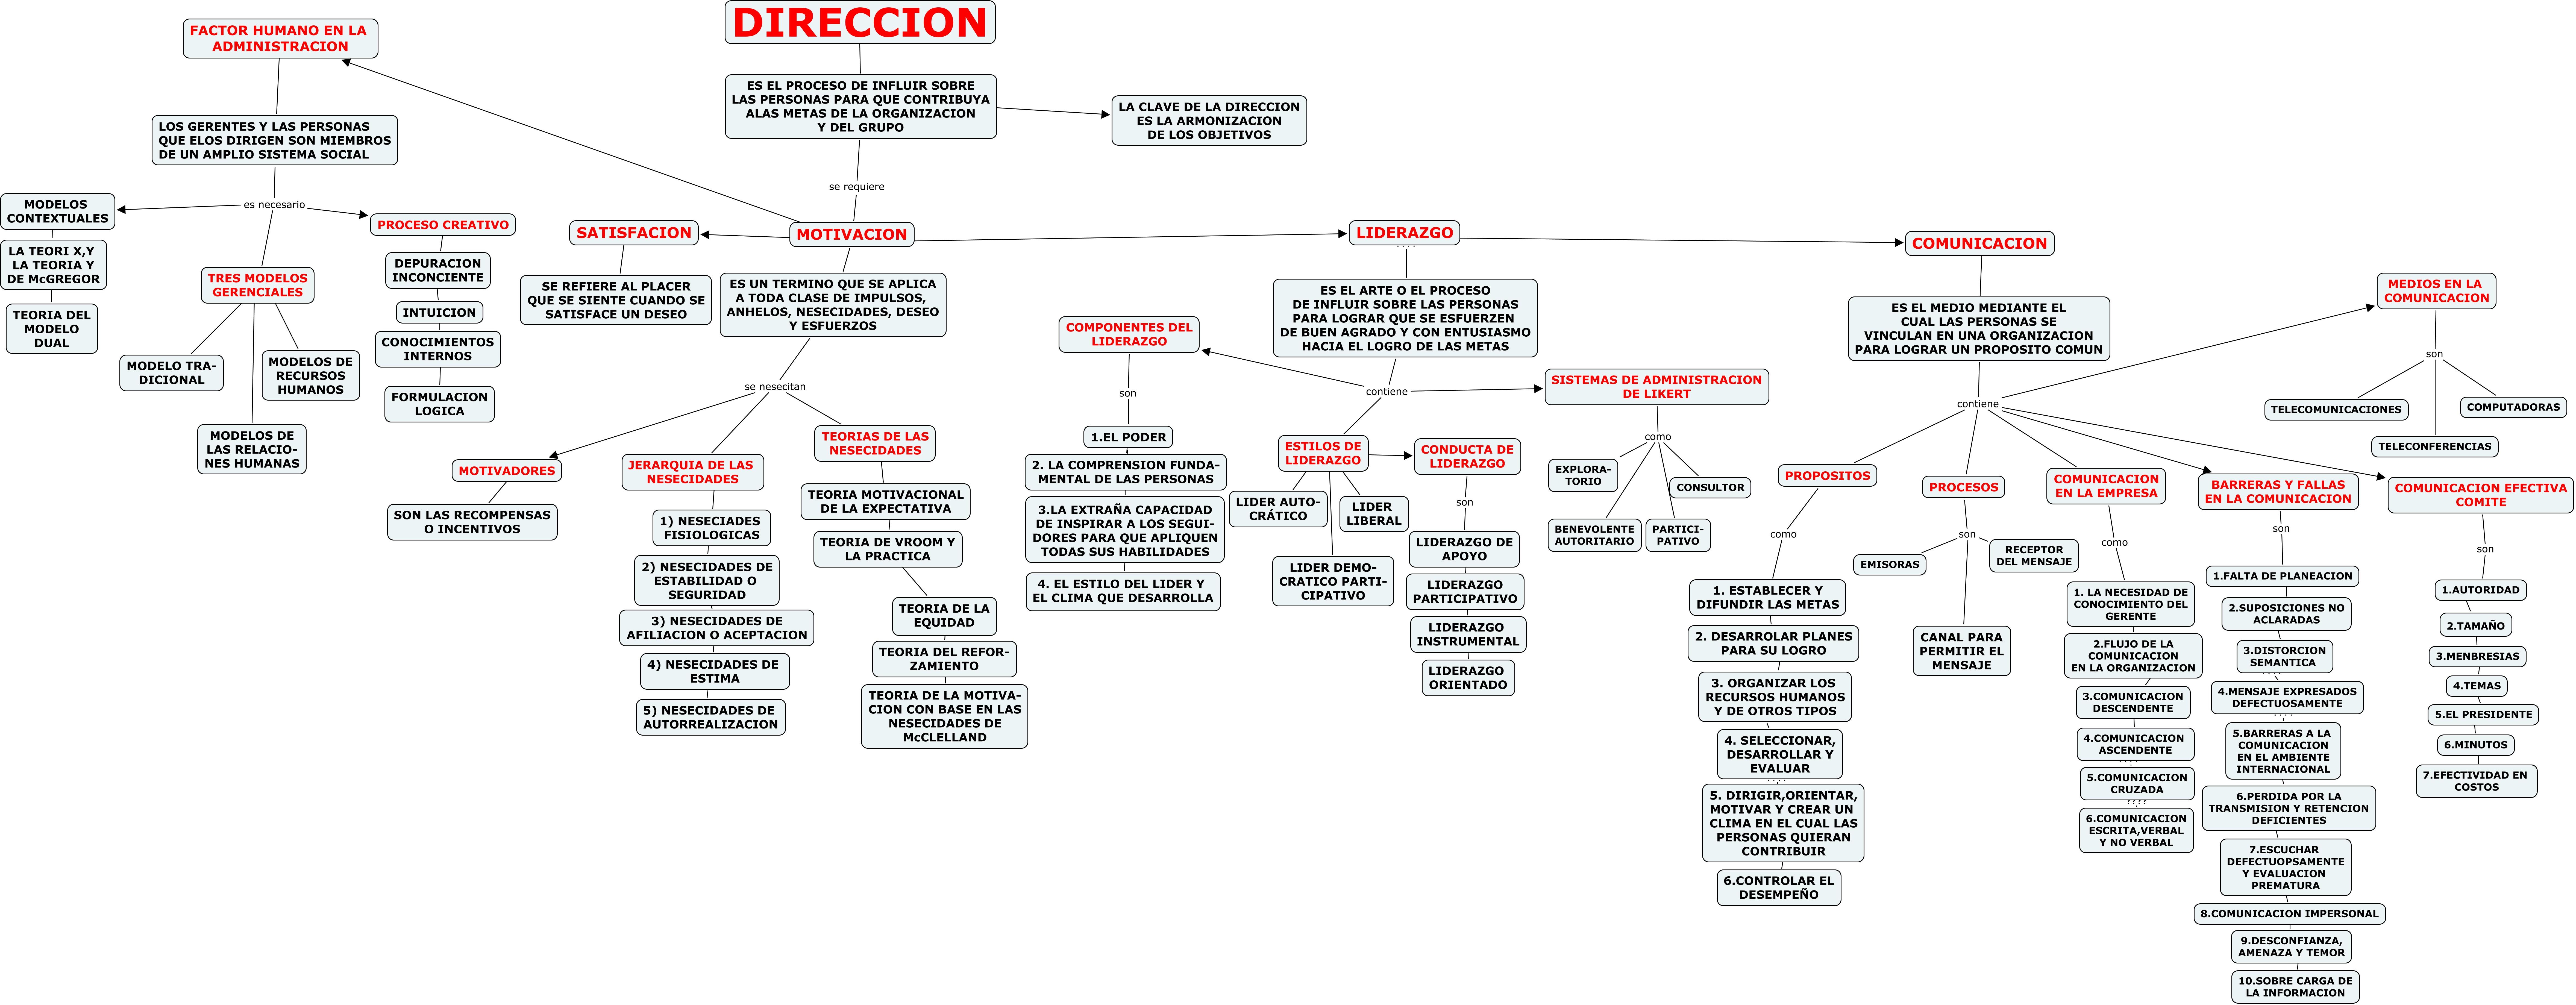 file mapa conceptual direccion